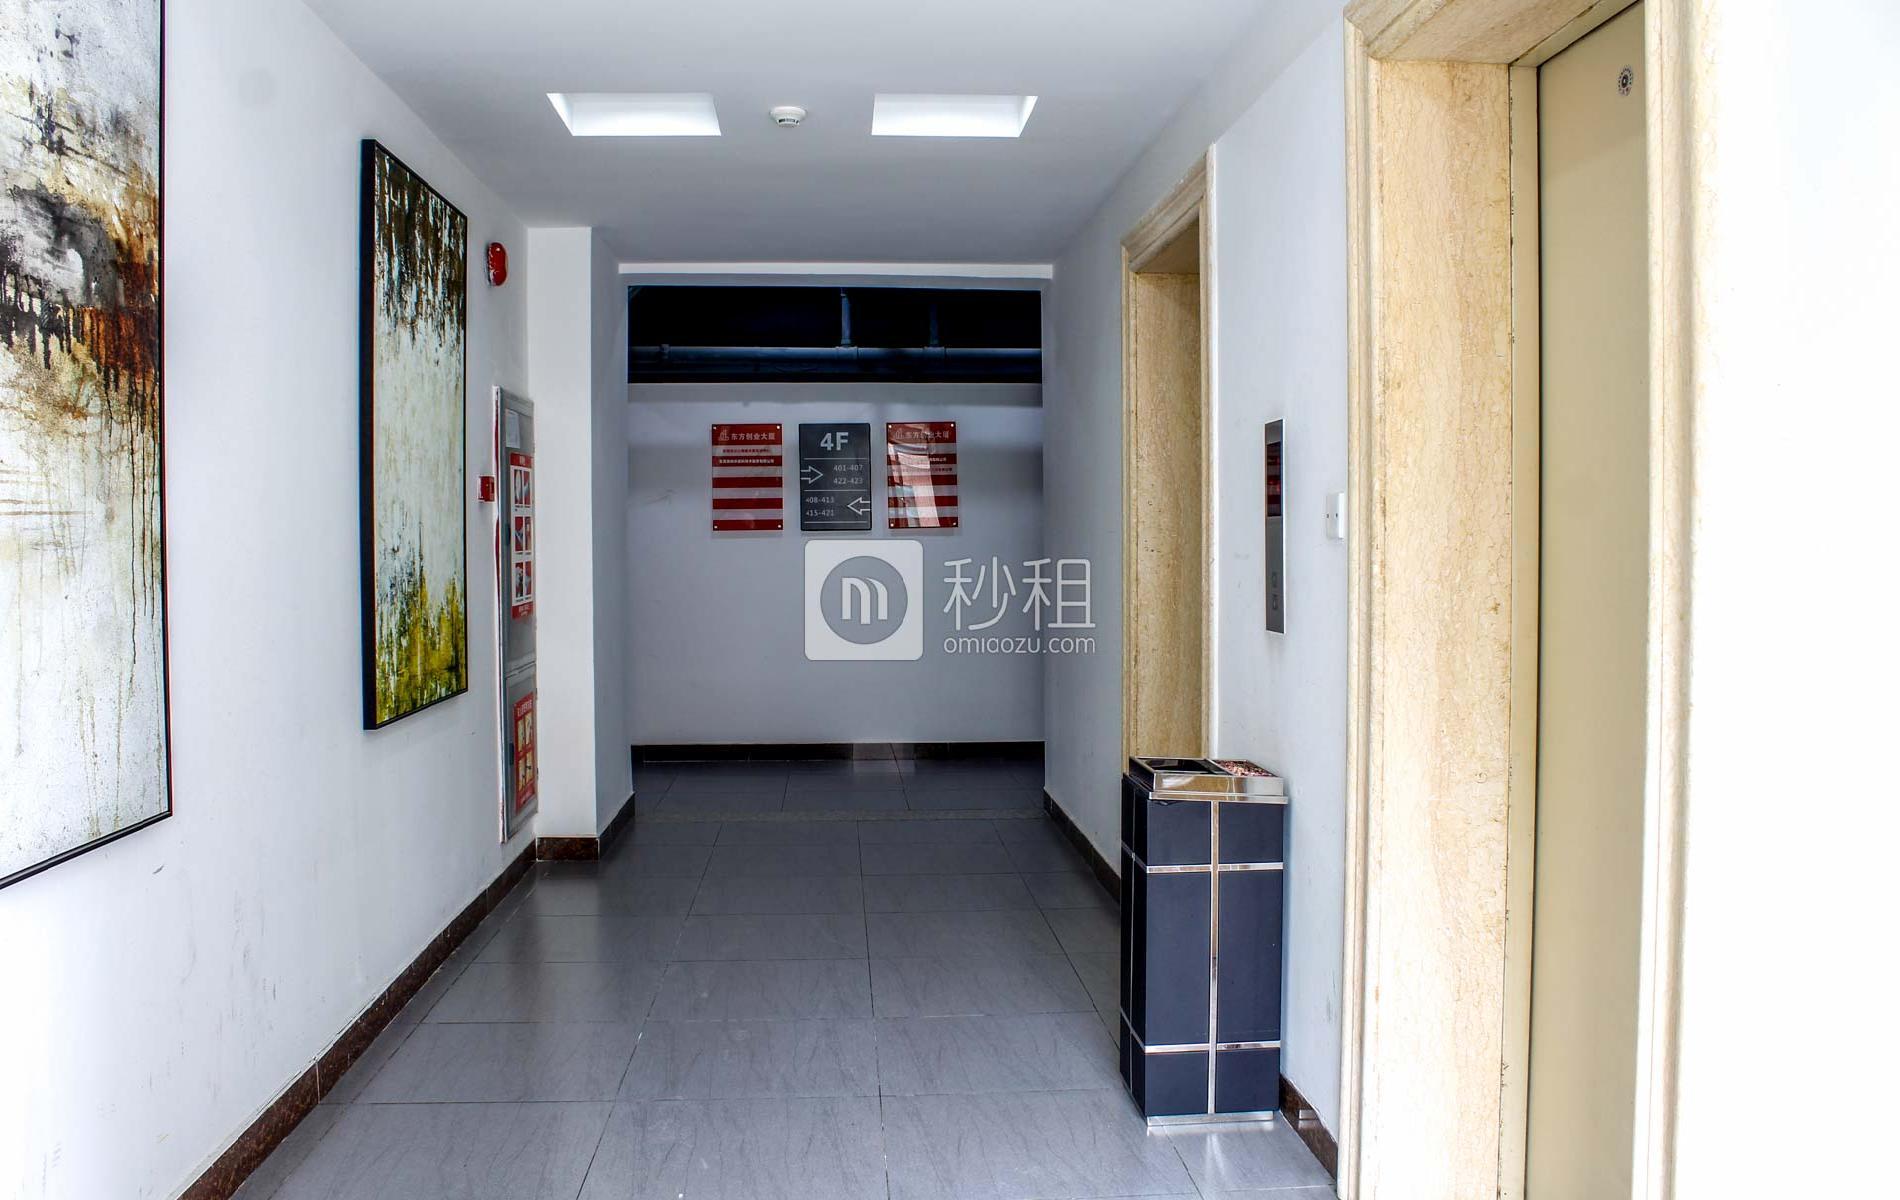 东方创业大厦写字楼出租/招租/租赁,东方创业大厦办公室出租/招租/租赁